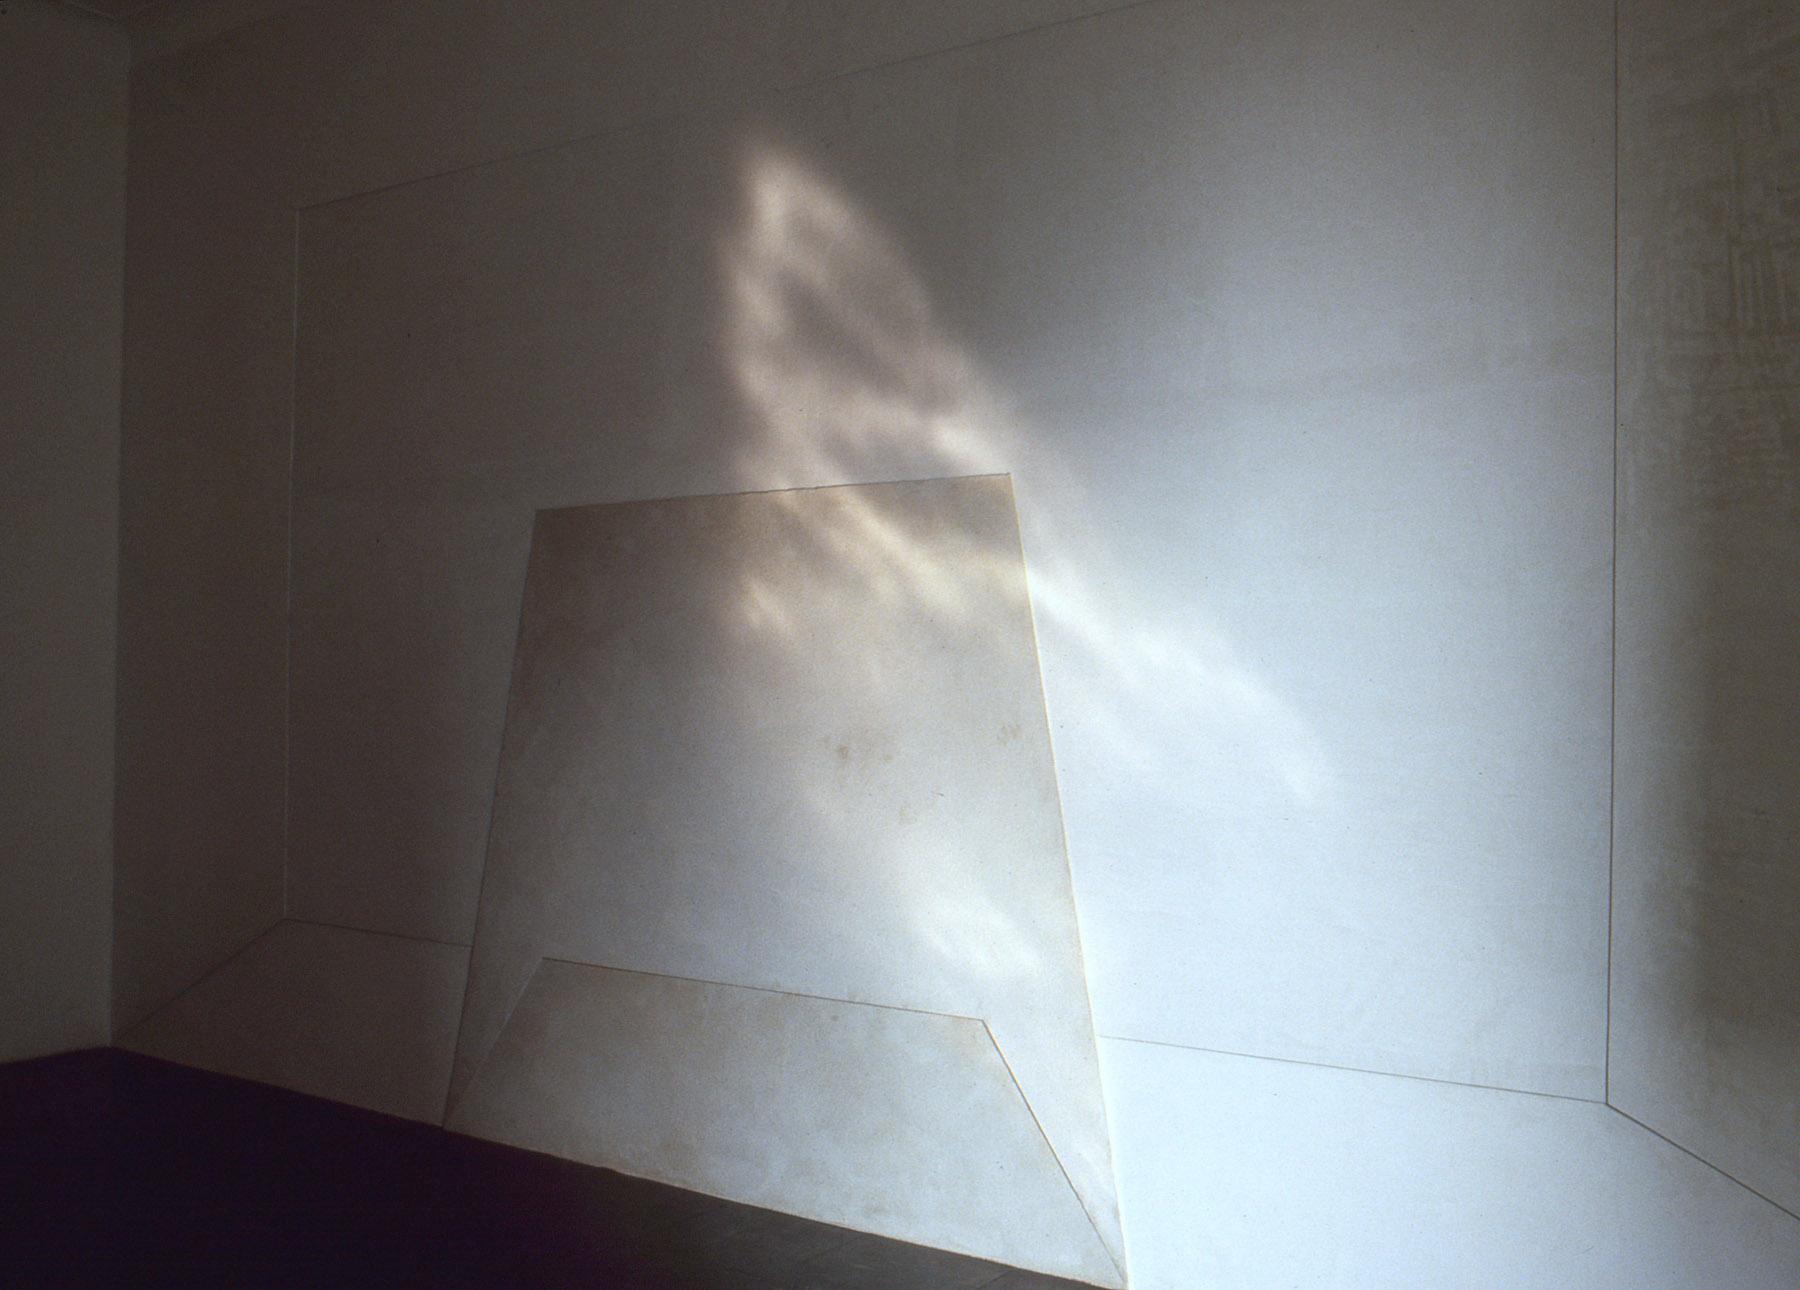 Stephen-Cox-Relief-Mirror-I-1979-ii.jpg